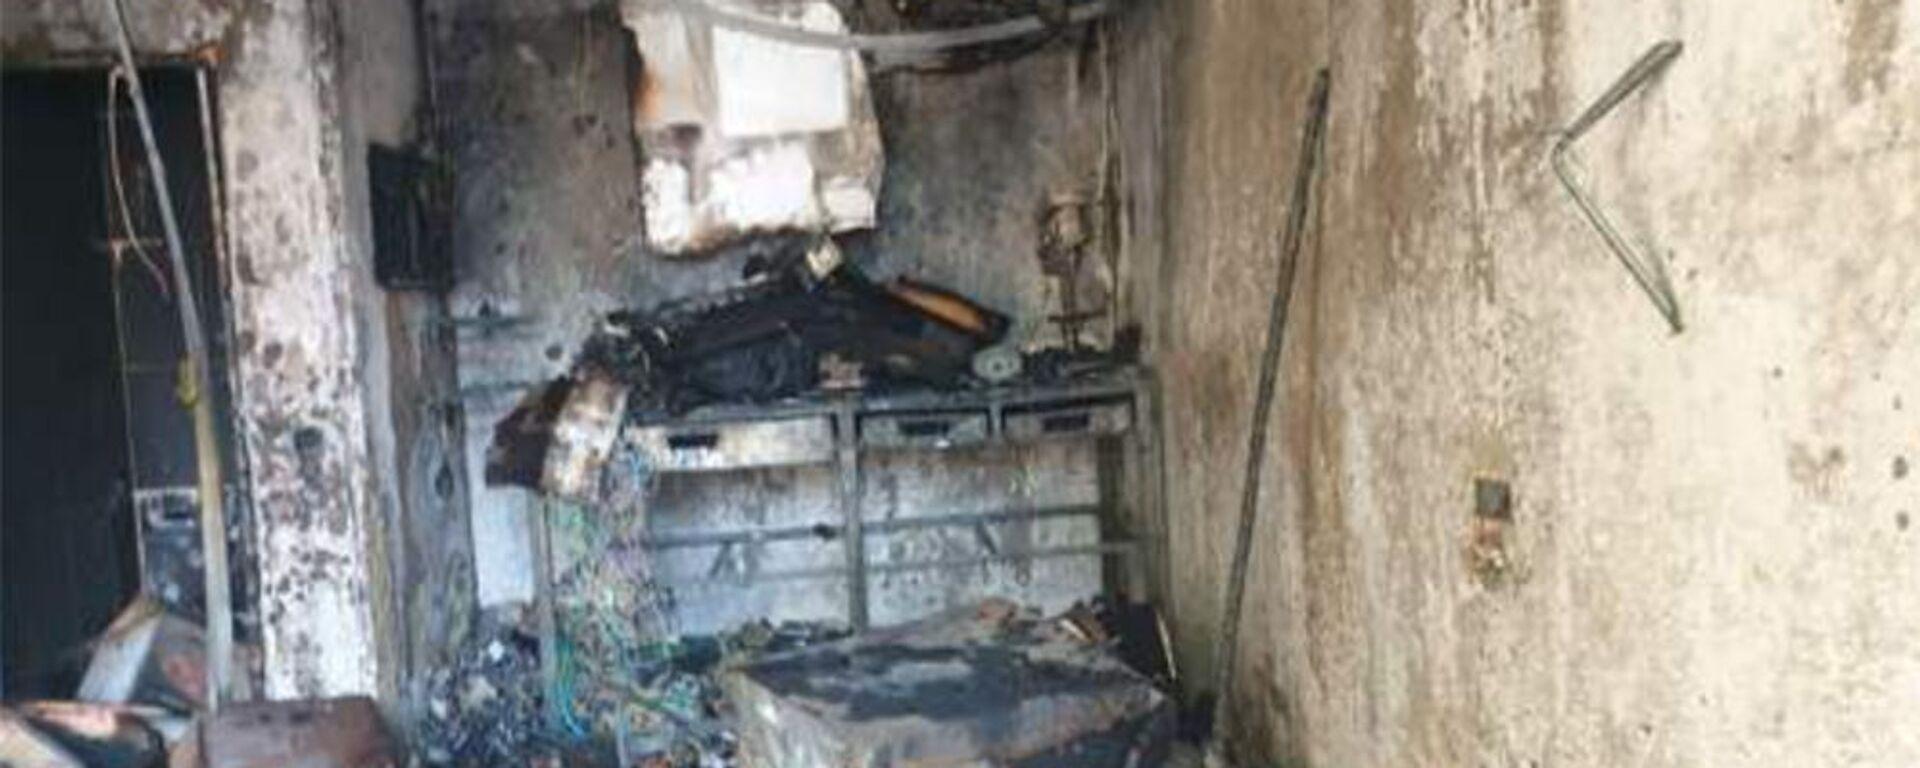 Сгоревший фургон возле дома № 30 в 3-м Давиташенском административном районе - Sputnik Արմենիա, 1920, 22.05.2021